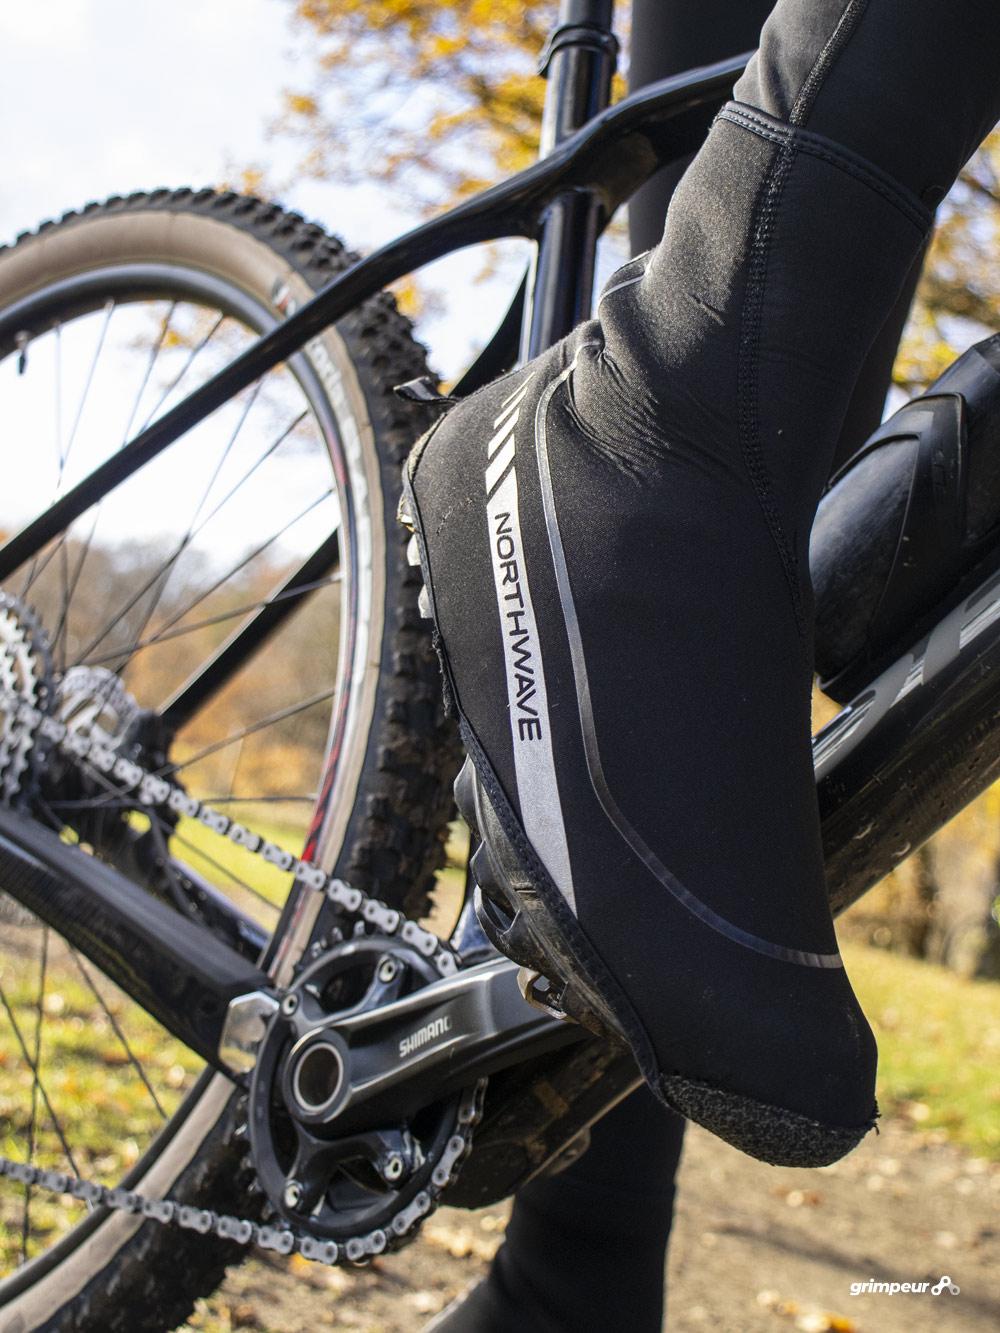 Overschoenen voor warme voeten tijdens het fietsen